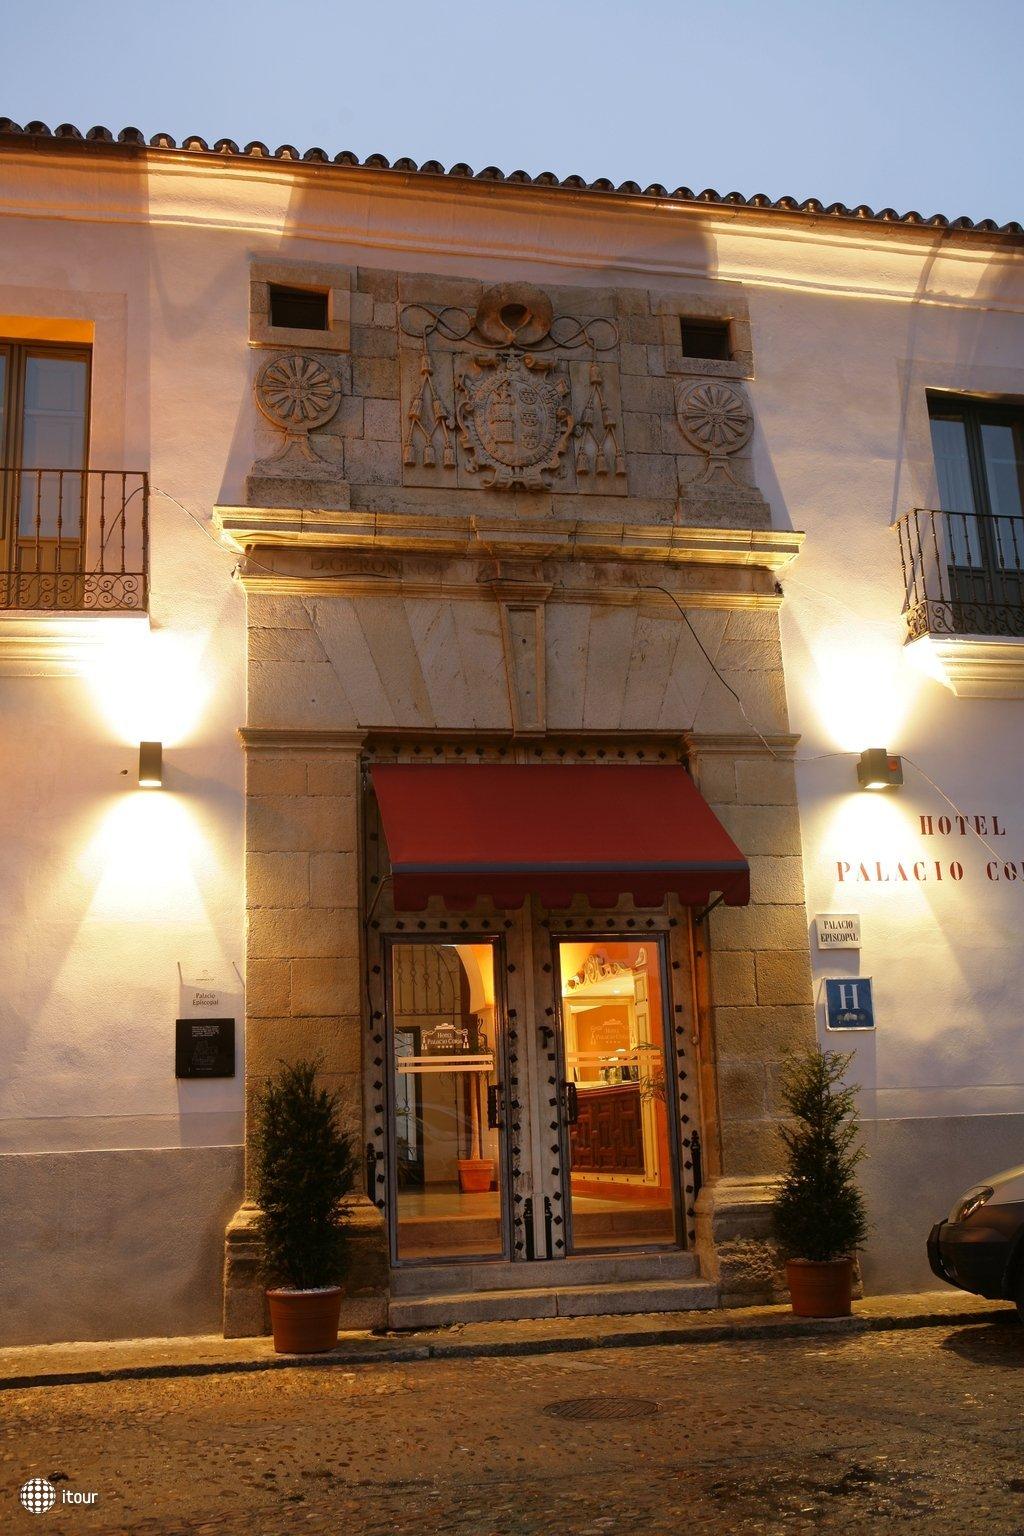 Palacio Coria 9